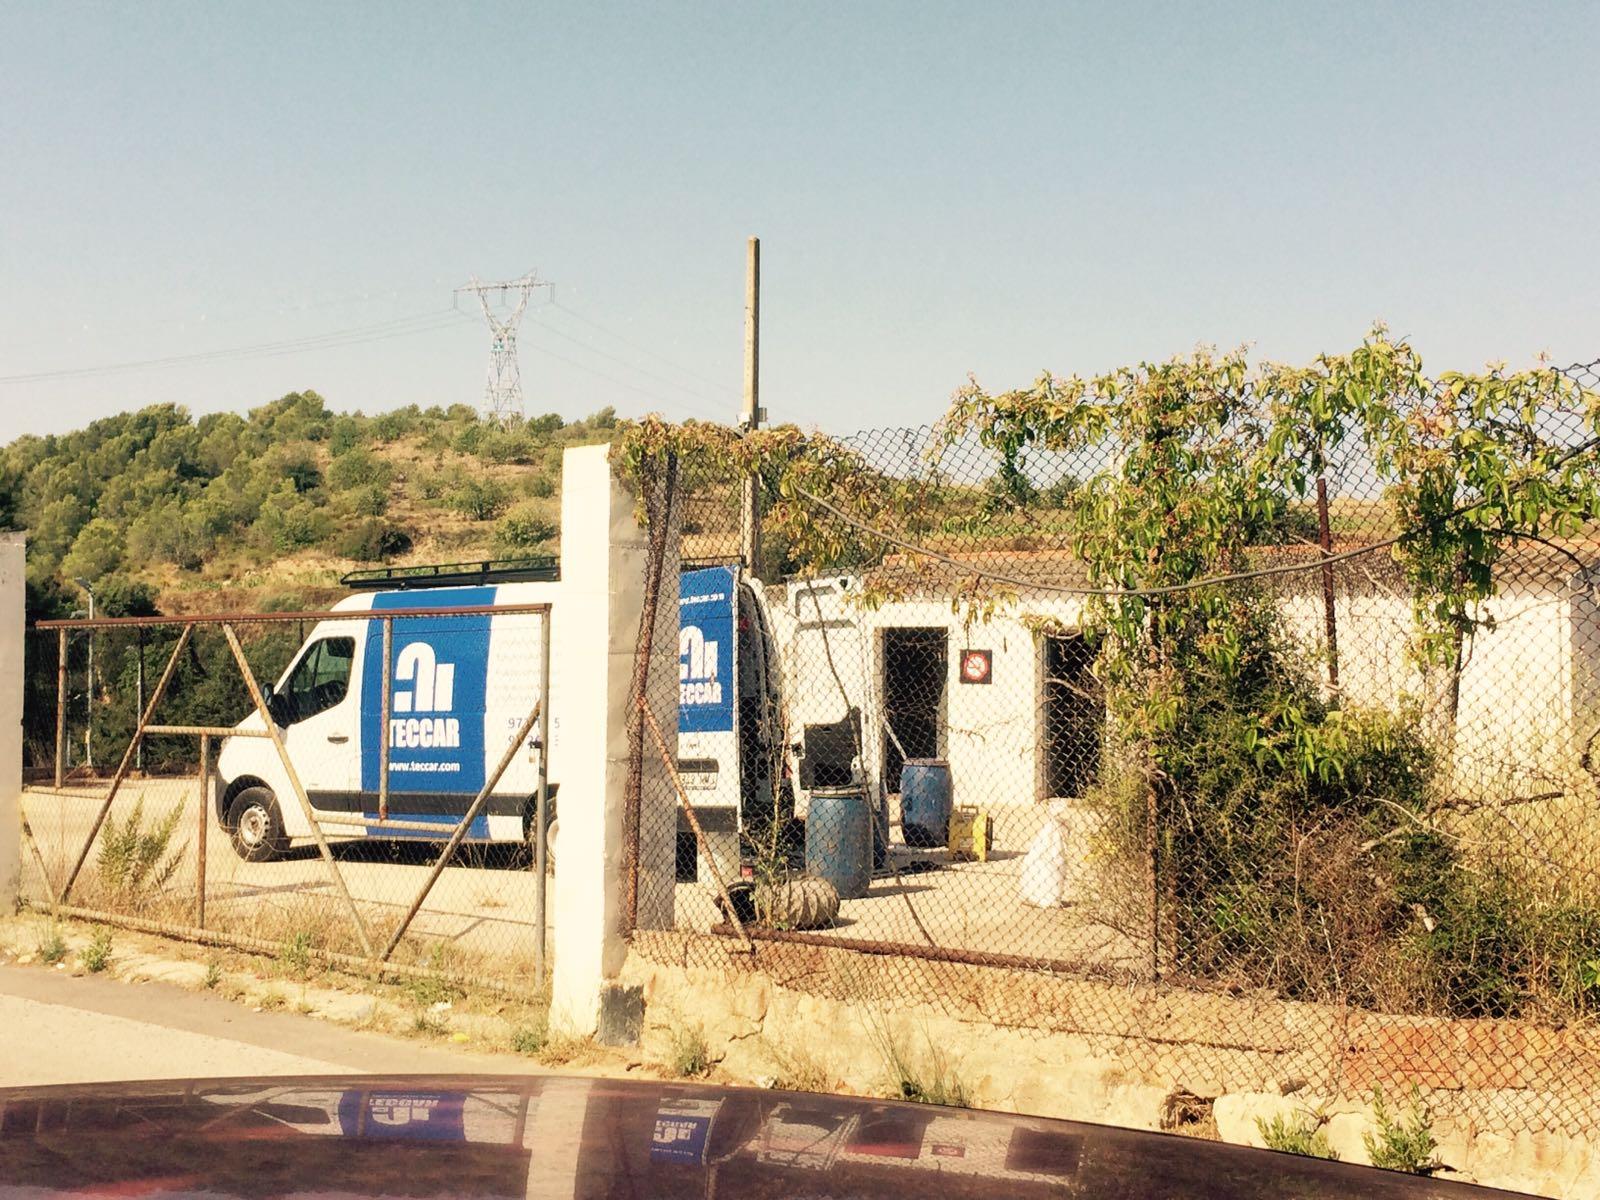 Han començat les obres de descontaminació del terreny on s'ubicarà el futur pàrquing d'autobusos de l'IES